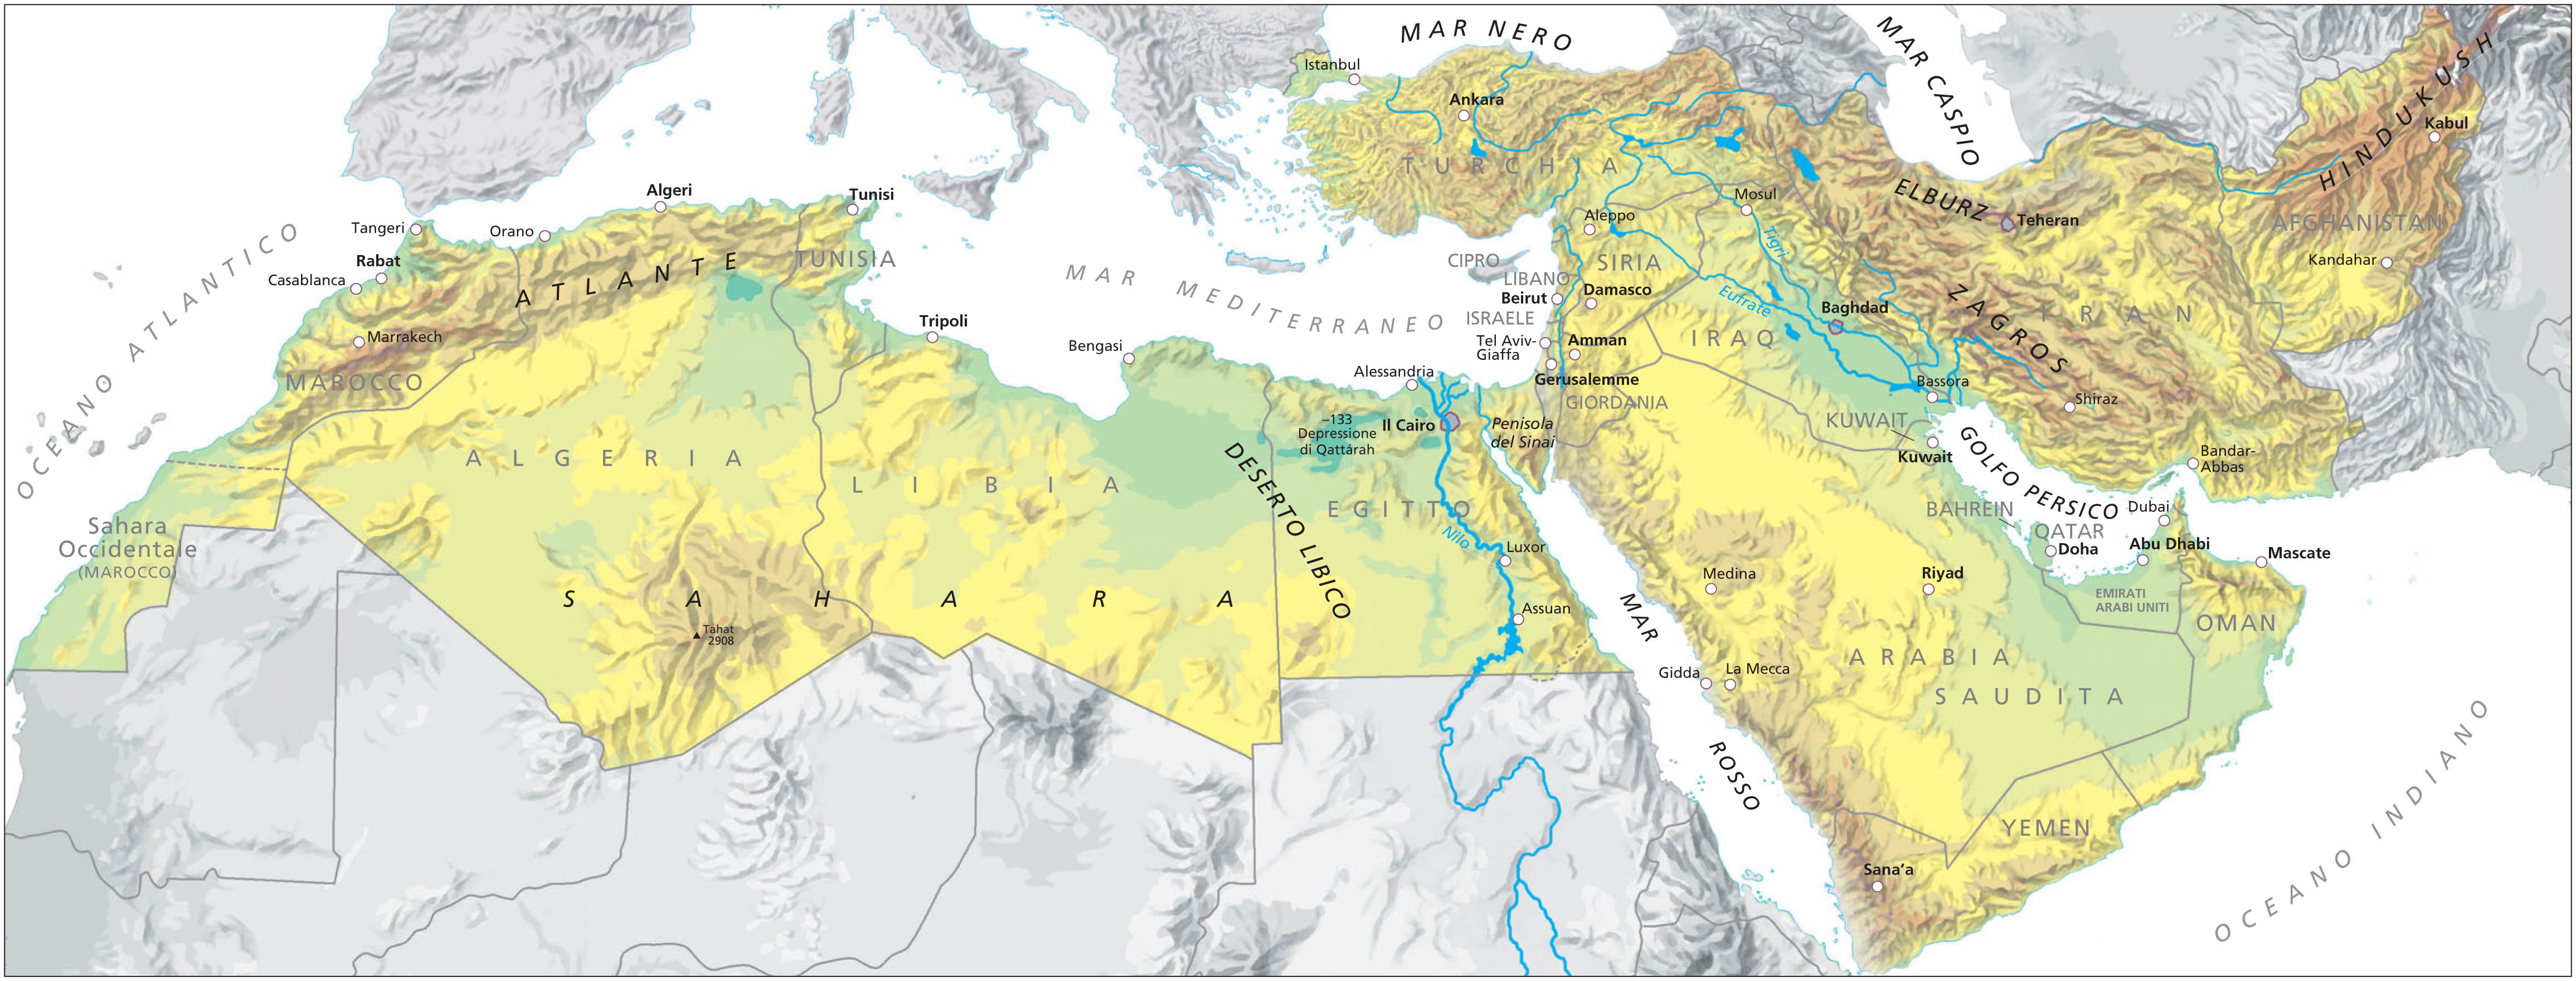 Cartina Italia E Nord Africa.Maghreb E Medio Oriente Situazione E Prospettive